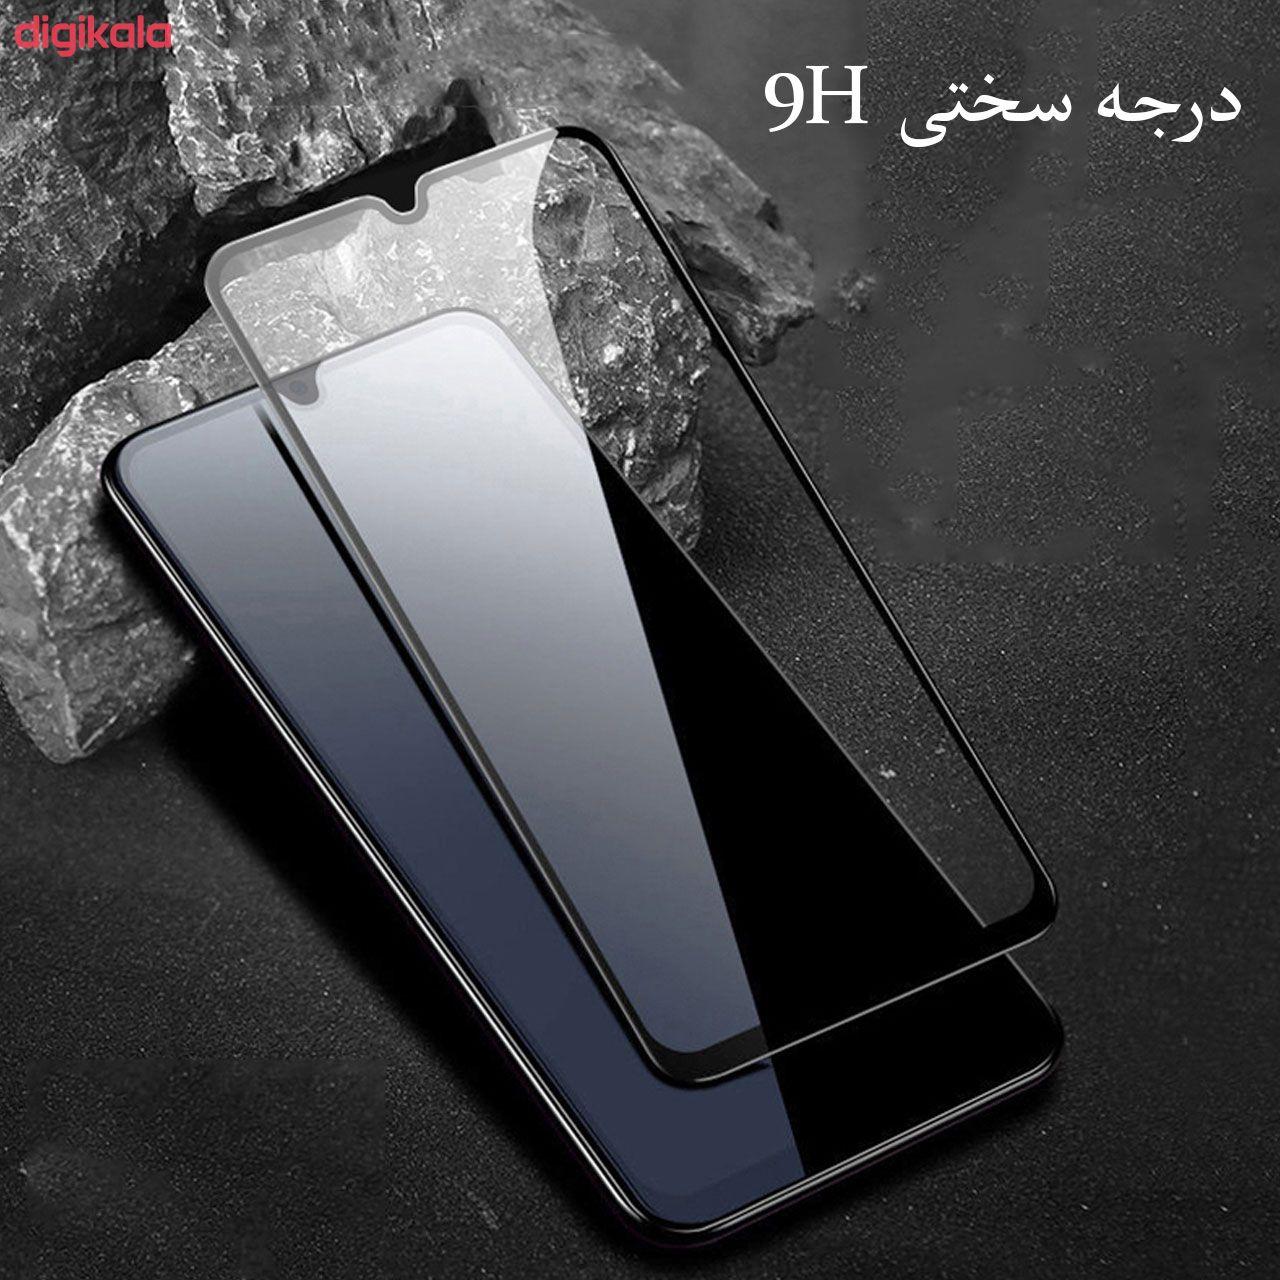 محافظ صفحه نمایش مدل FCG مناسب برای گوشی موبایل سامسونگ Galaxy A50 main 1 8